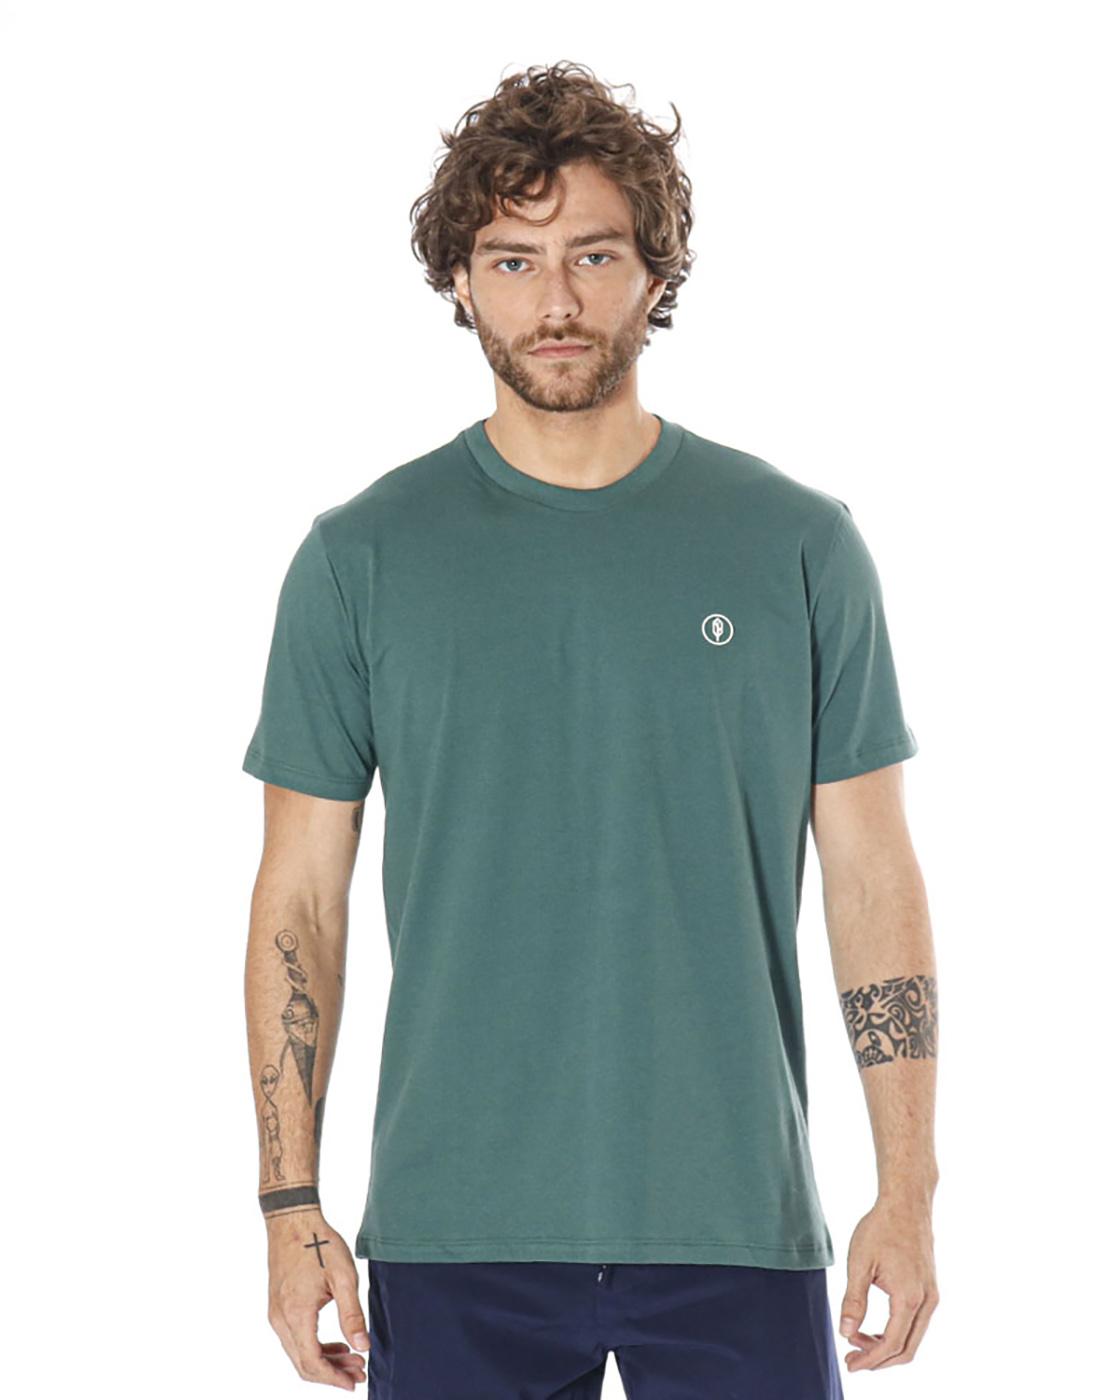 Camiseta Estampada Positividade Verde Pena